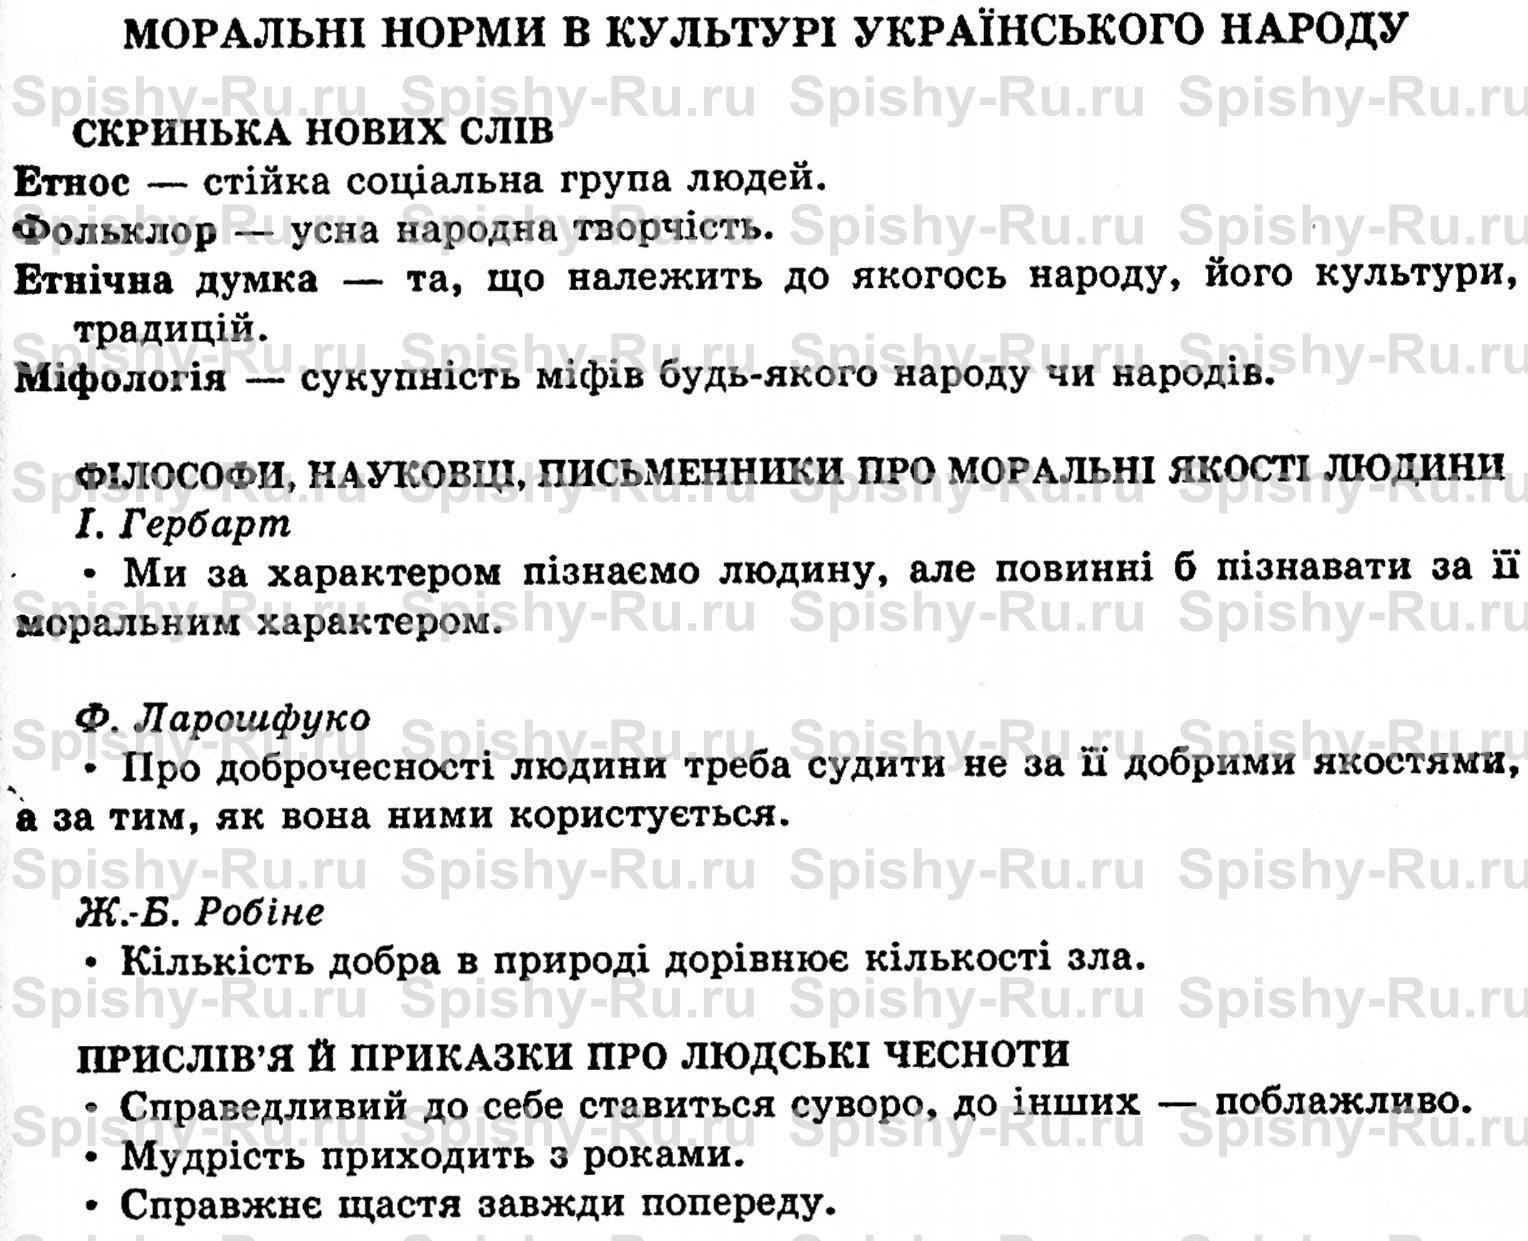 Гдз по русскому языку 6 класс львова львов 1 часть скачать бесплатно